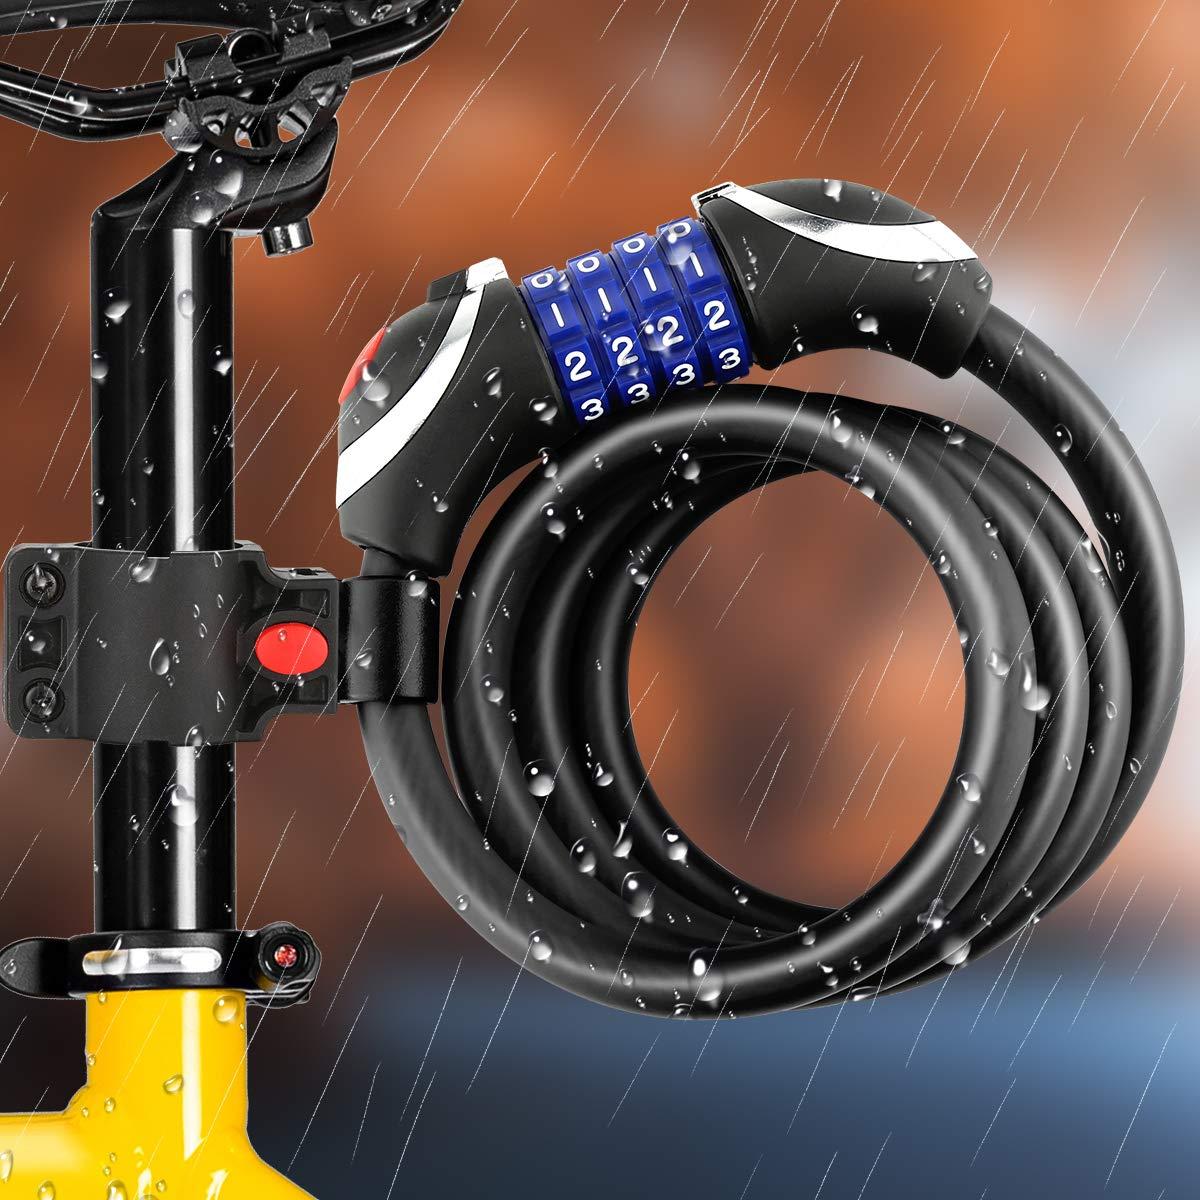 Awroutdoor Candado de Bicicleta Seguridad Candado de Cable Mejor Combinaci/ón con Flexible Montaje Cable de Bloqueo antirrobo Alta Seguridad para la Bicicleta al Aire Libre 150cm X12mm